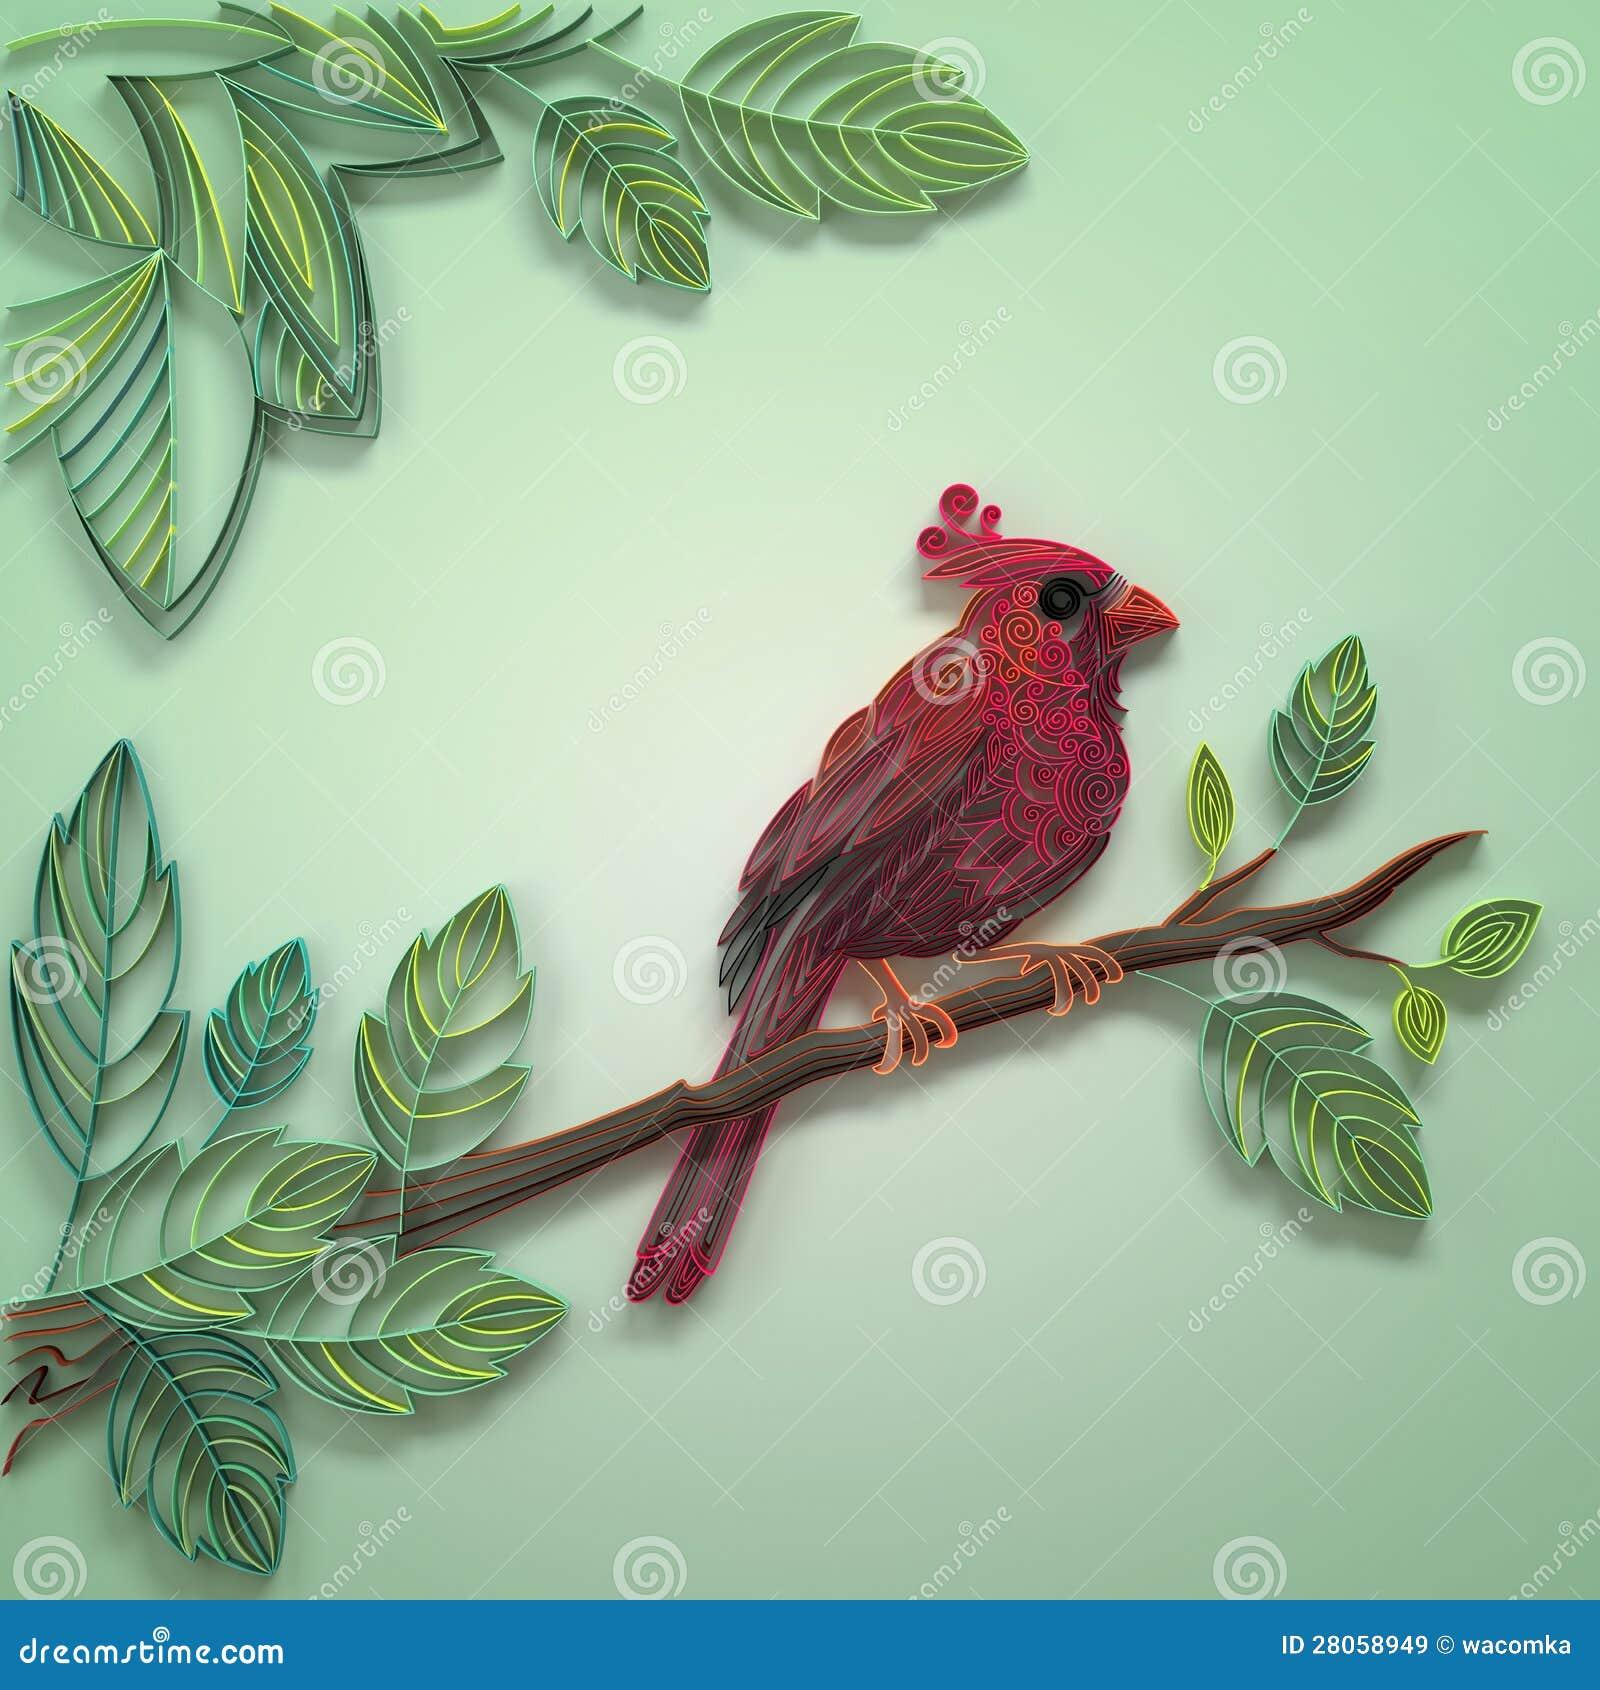 oiseau de papier quilling de couleur images libres de droits image 28058949. Black Bedroom Furniture Sets. Home Design Ideas